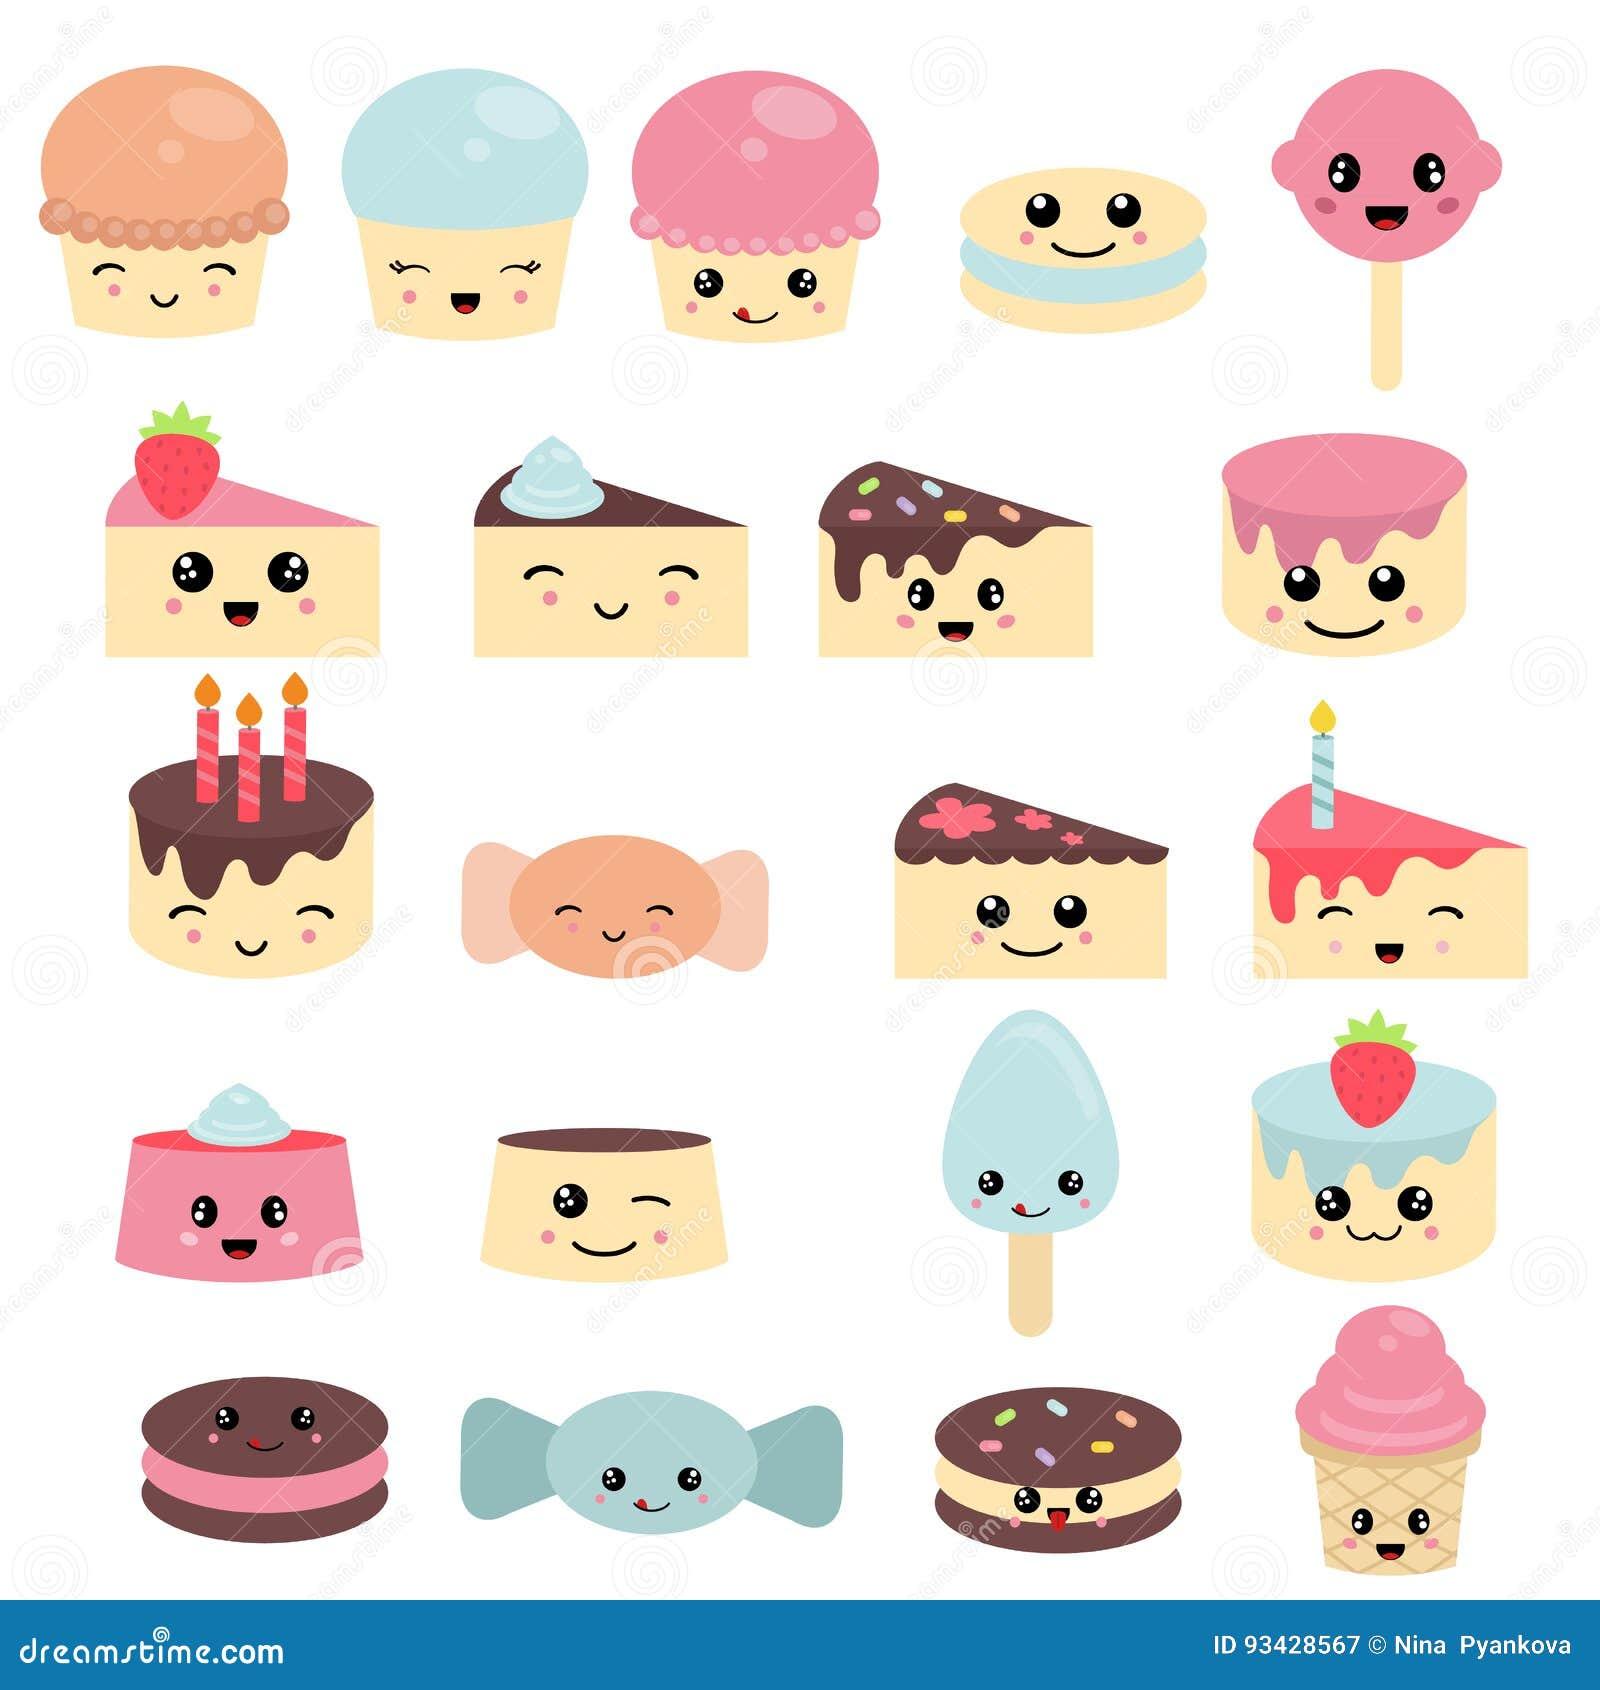 Candy Kawaii Food Characters Cartoon Vector ...